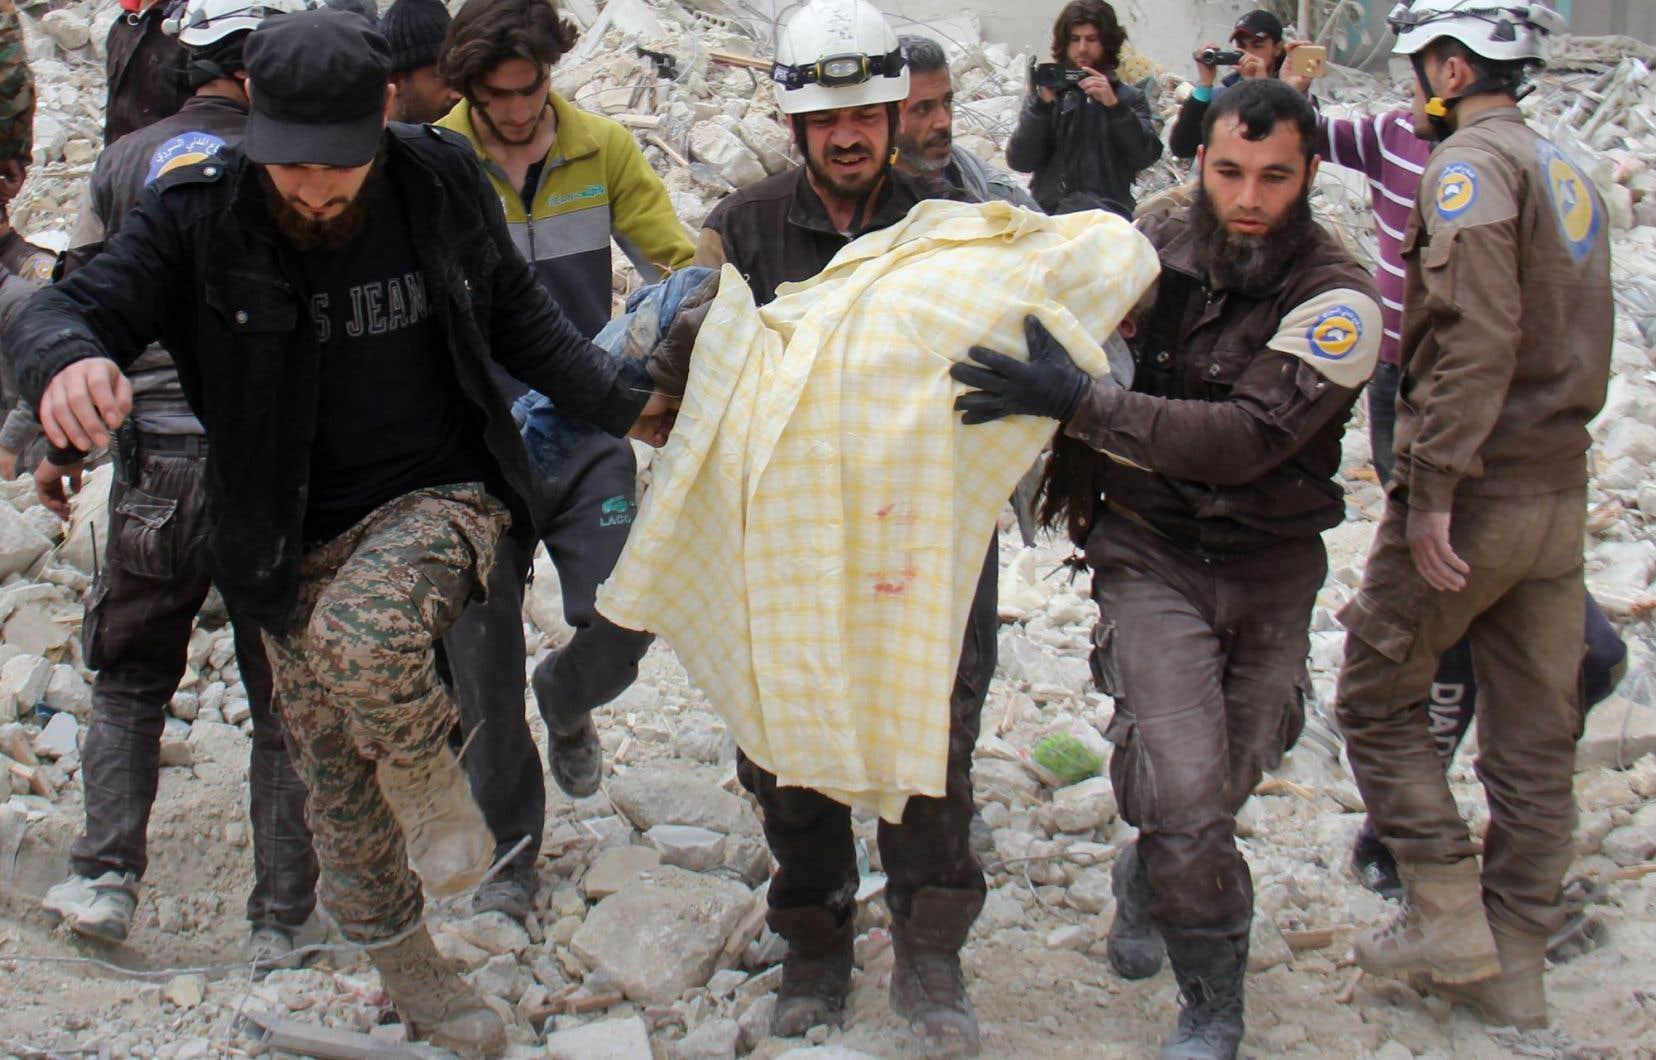 Des membres des Casques blancs retirent une victime des décombres d'un bâtiment détruit à la suite d'une attaque aérienne dans la ville d'Idlib, le 15 mars.